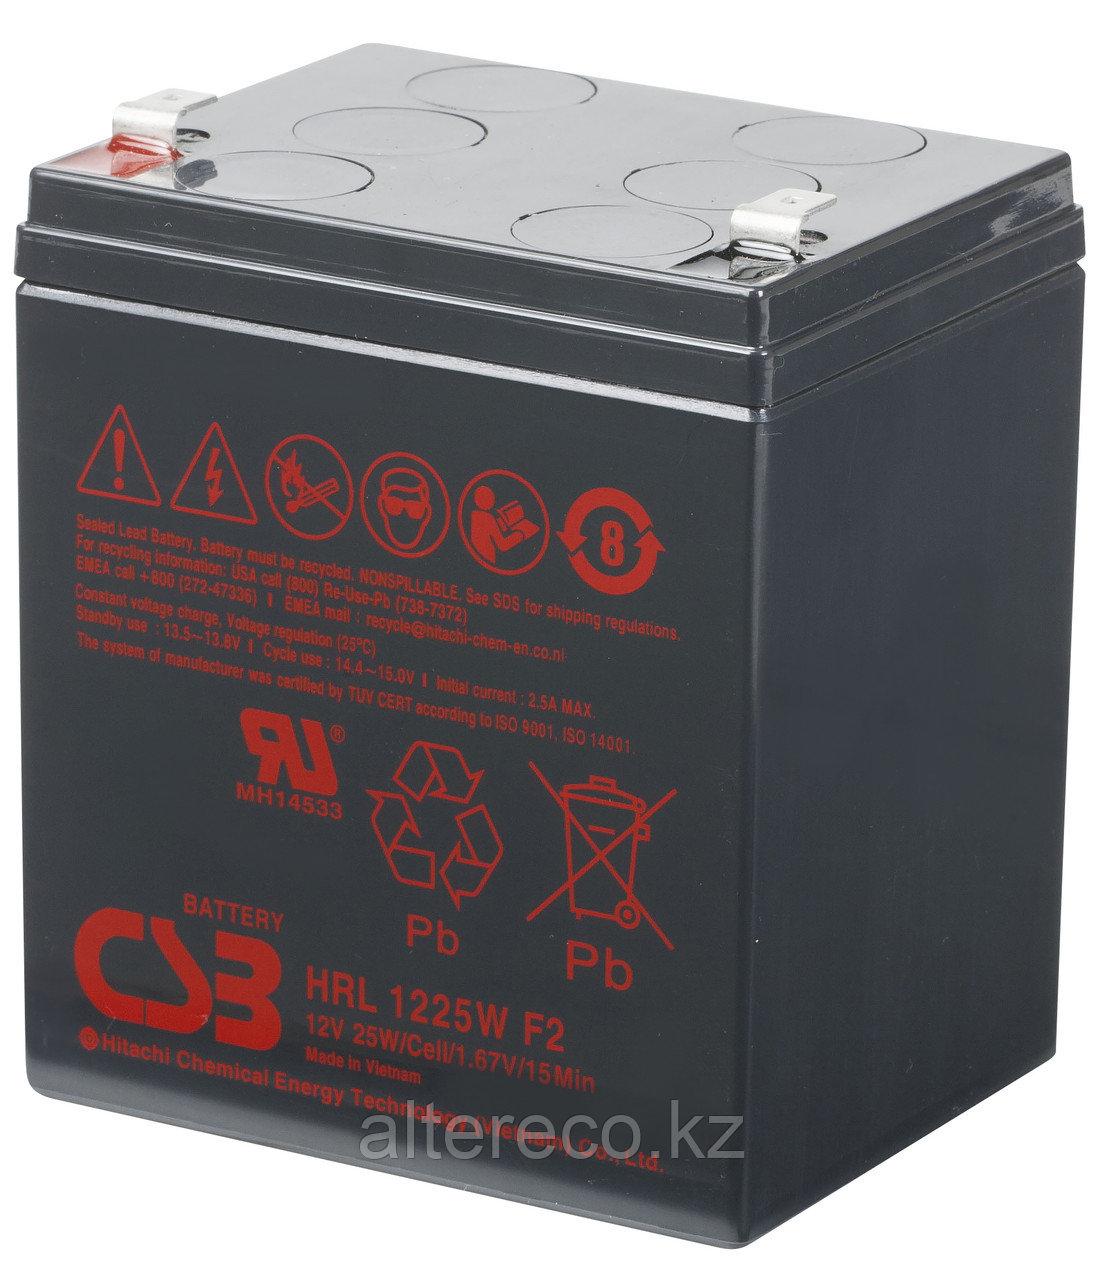 Аккумулятор CSB HRL1225W (12В, 5Ач)